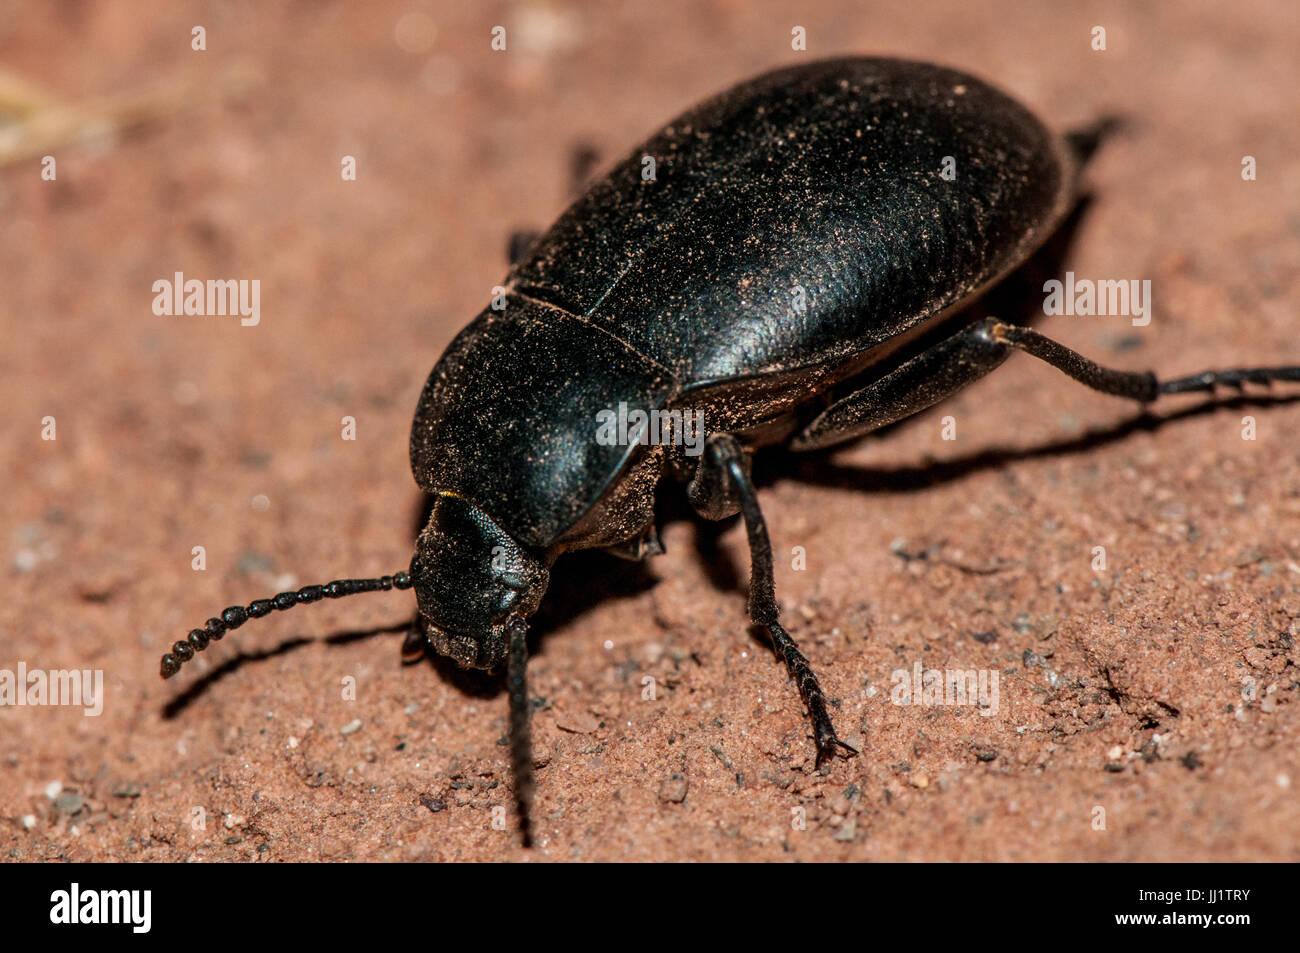 Käfer (Blaps Mucronata) Essen auf einem Lehmboden Stockbild